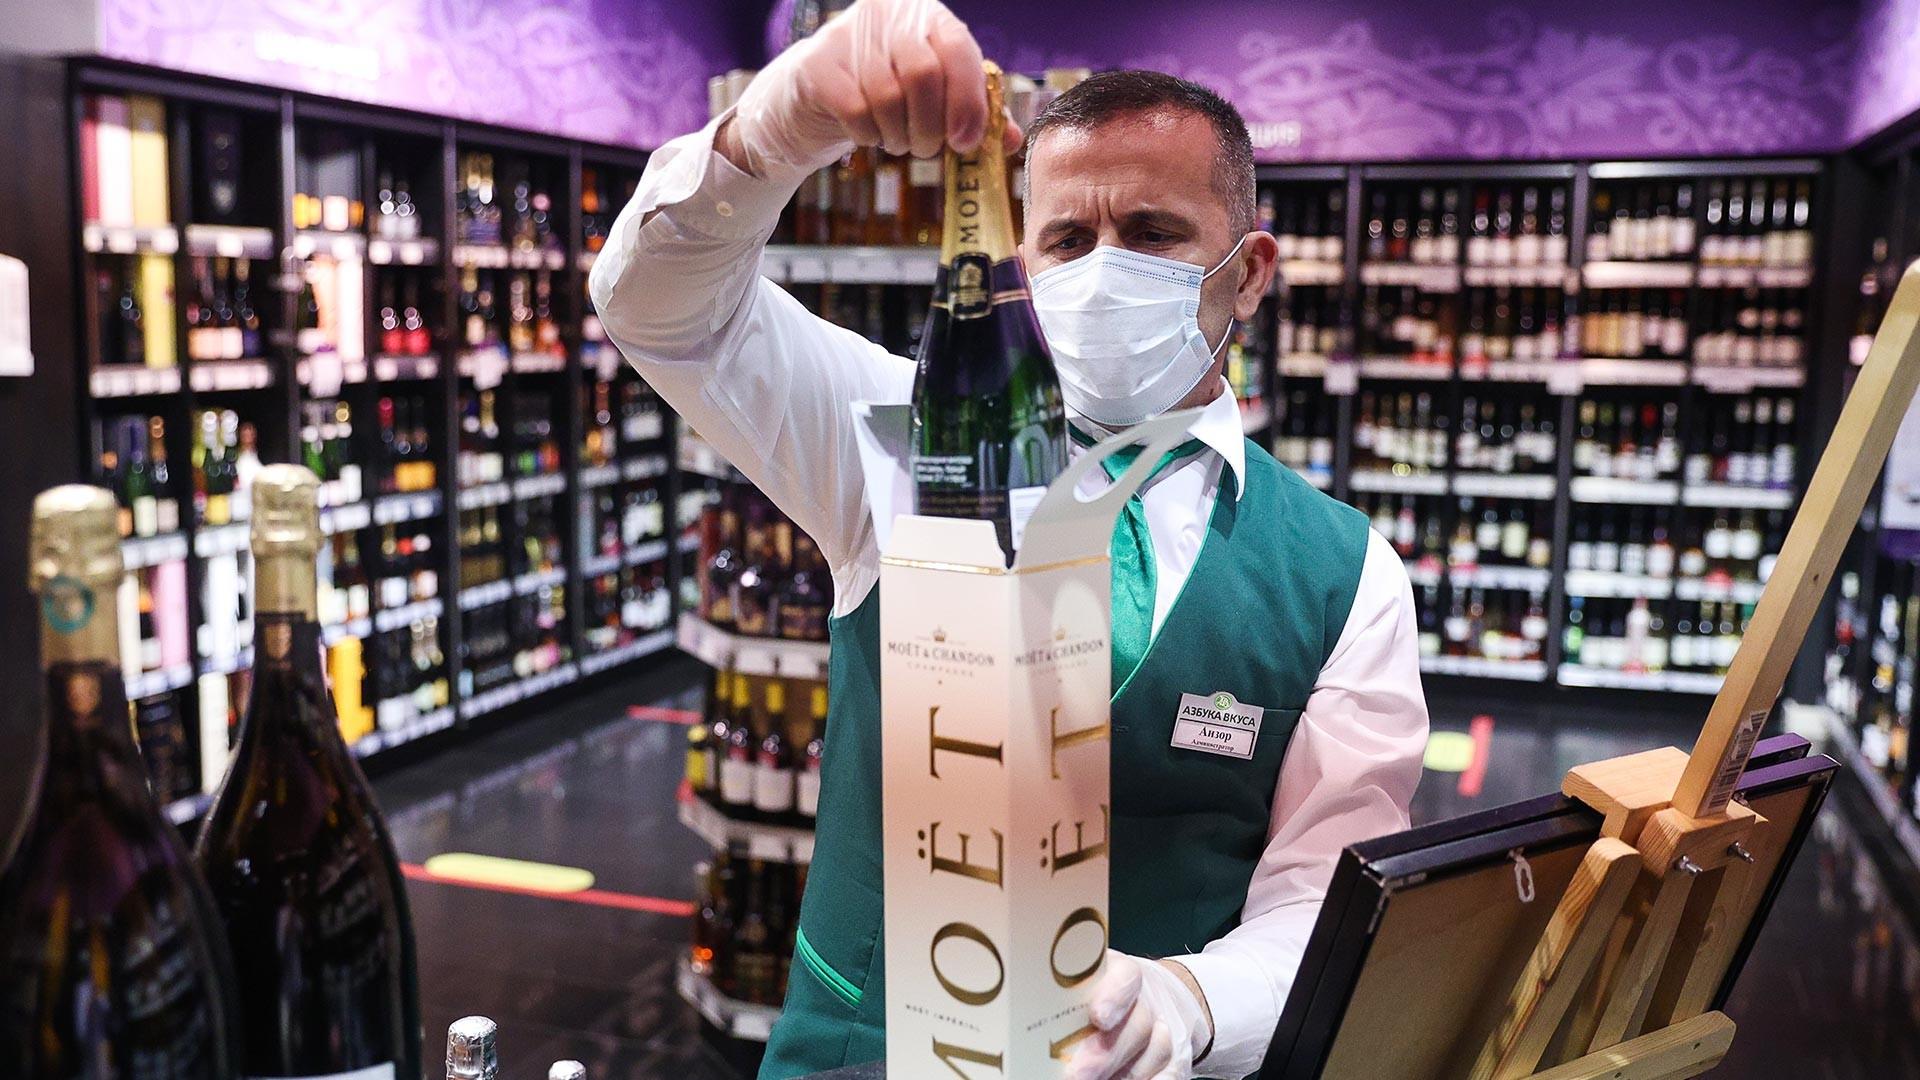 Служител на стелажа с пенливи вина Moet Hennessy в супермаркет